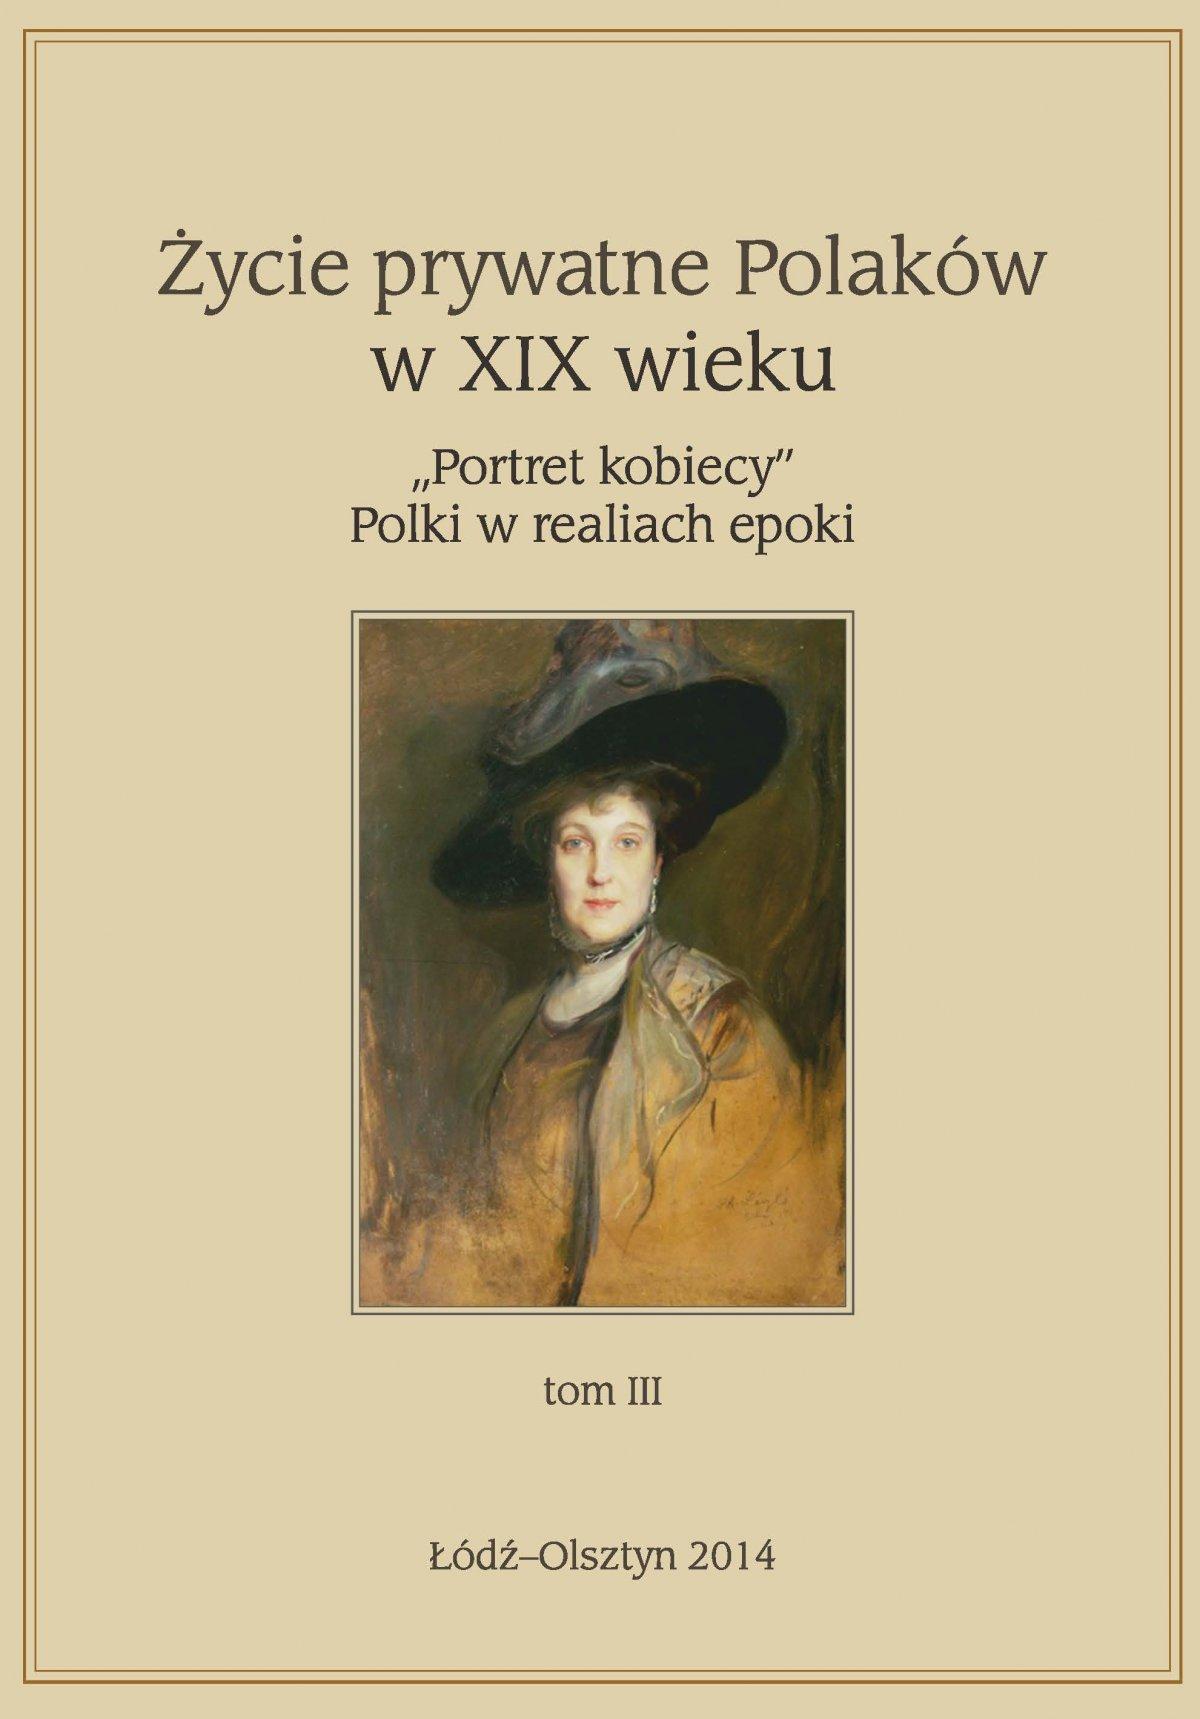 """Życie prywatne Polaków w XIX w. """"Portret kobiecy"""" Polki w realiach epoki. Tom 3 - Ebook (Książka PDF) do pobrania w formacie PDF"""